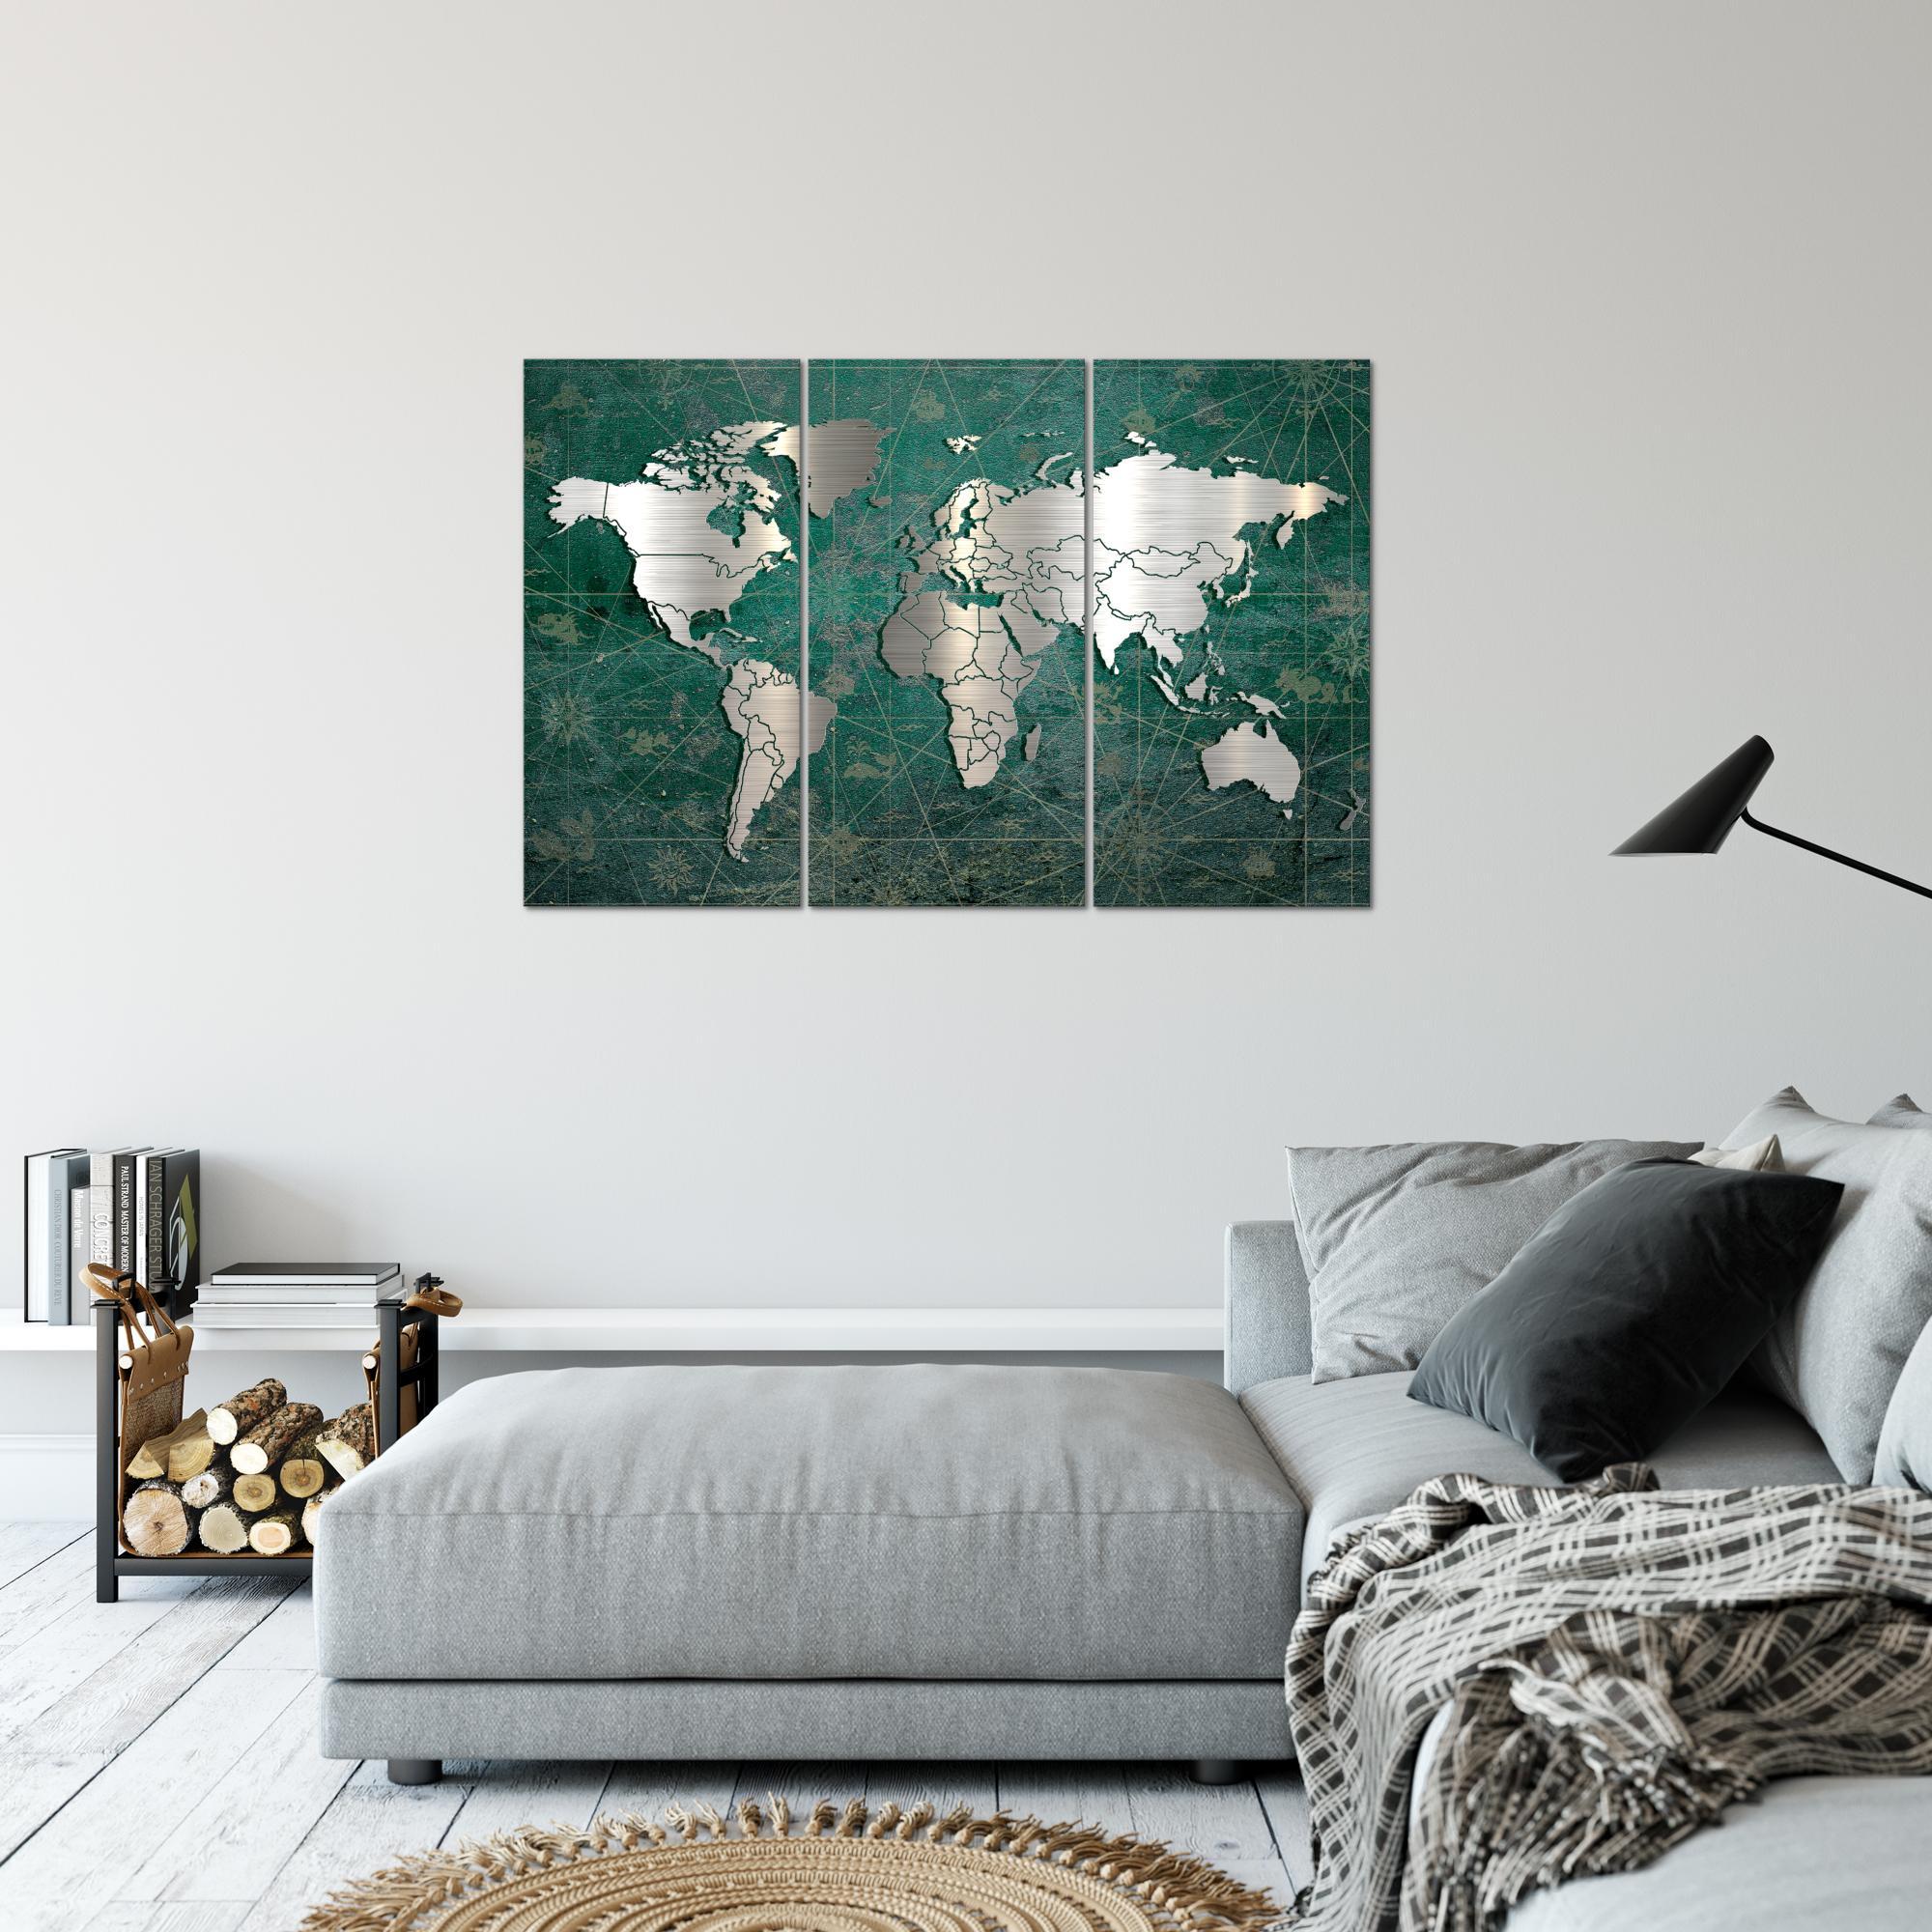 weltkarte world map bild kunstdruck auf vlies leinwand xxl dekoration 109031p. Black Bedroom Furniture Sets. Home Design Ideas